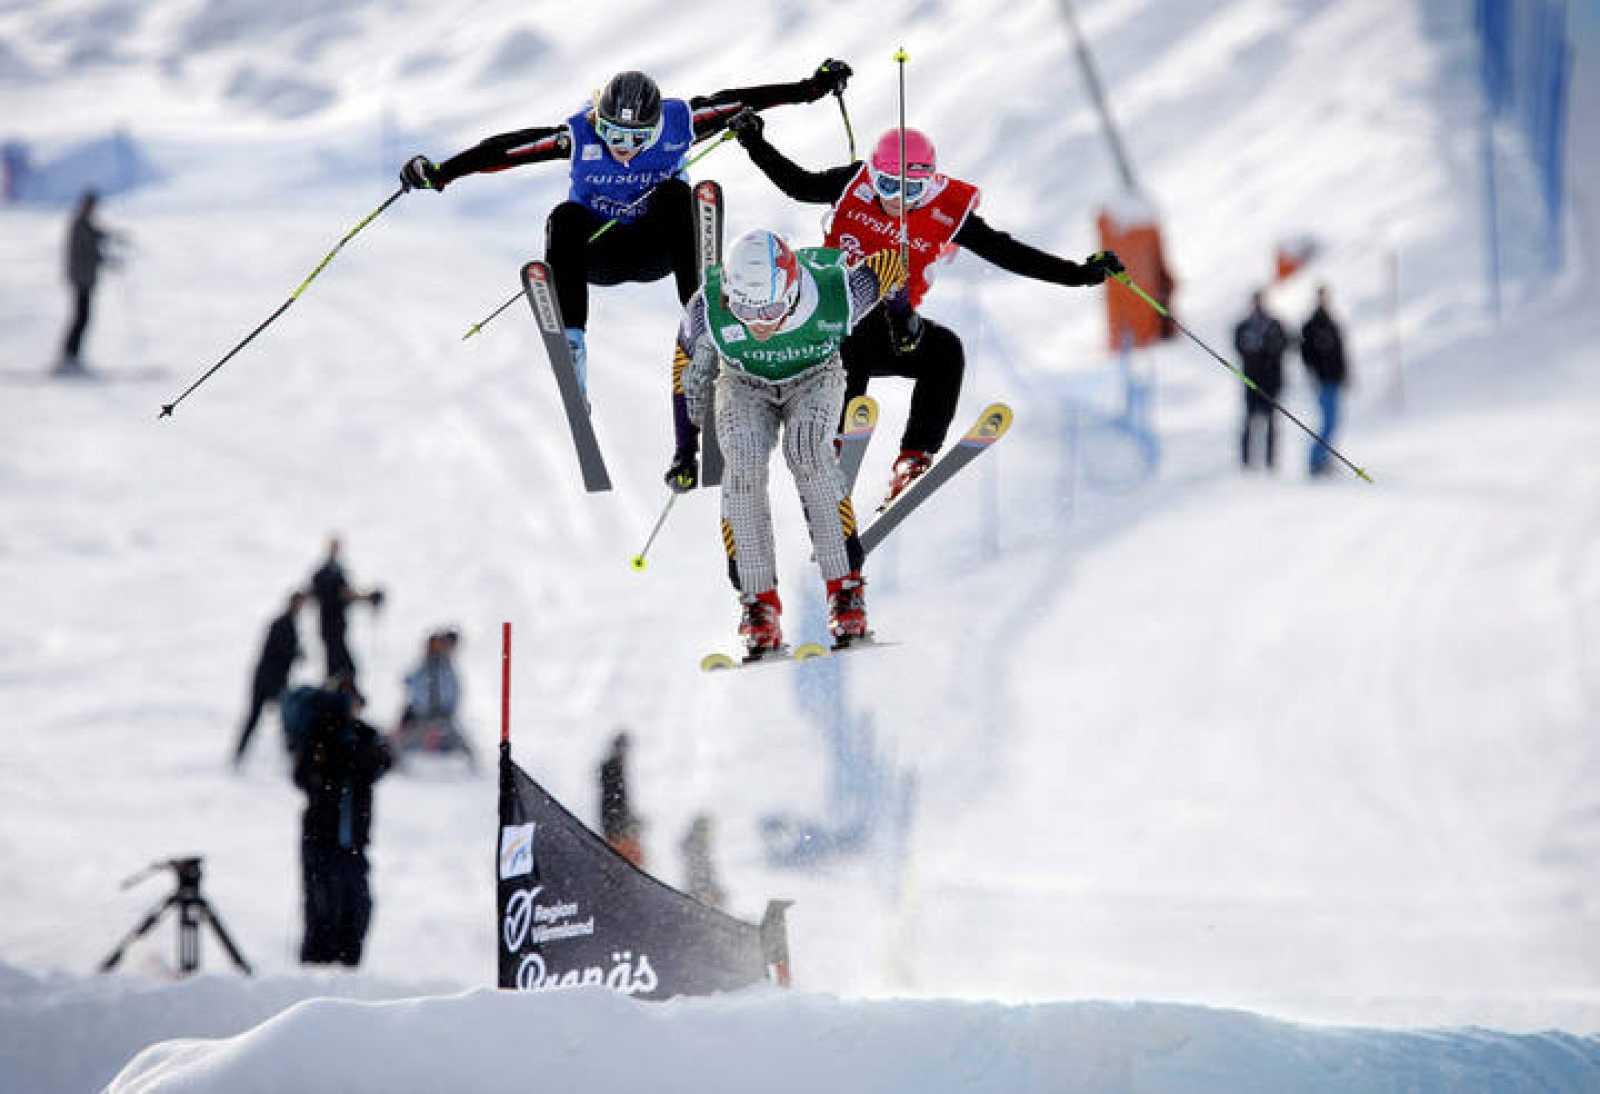 Defienden el esfuerzo de la federación de esquí para promocionar a los deportistas